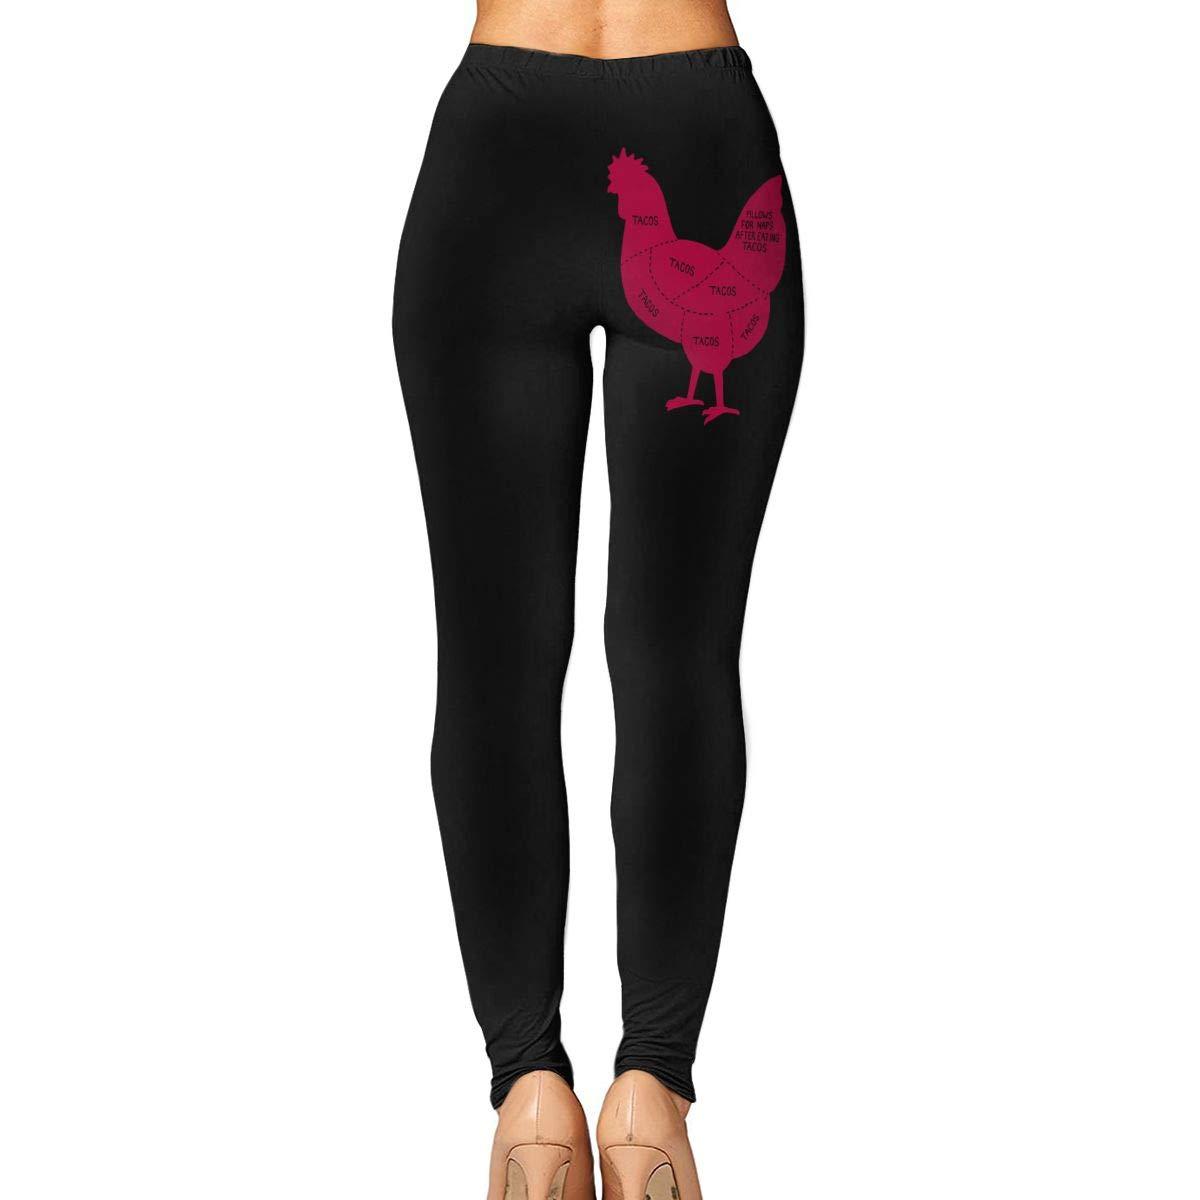 Amazon.com: JHWJ@KU Womens Yoga Pants Tacos Come from ...